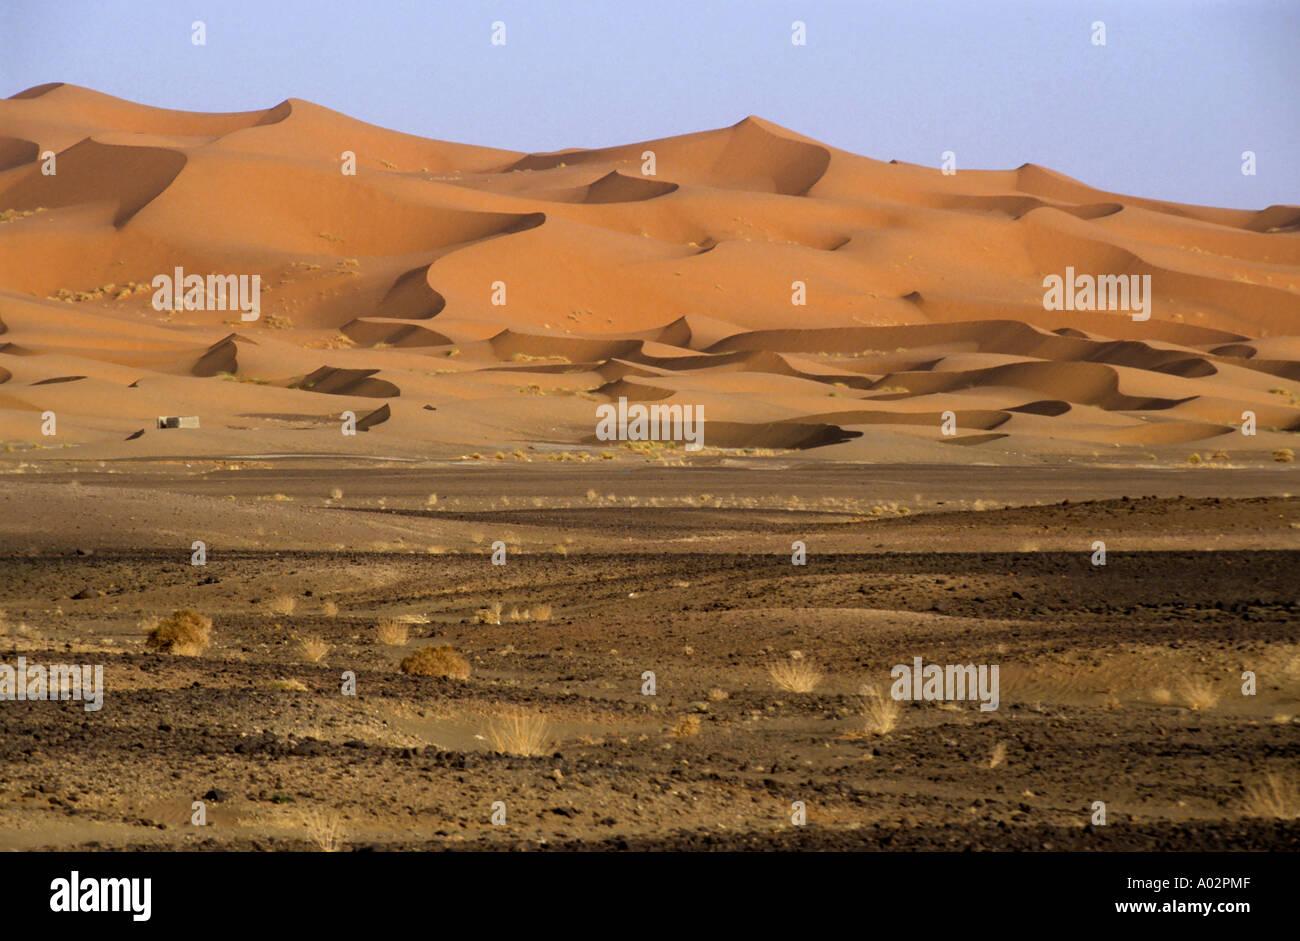 Dunes de sable du désert du Sahara, l'Erg Chebbi, Maroc. Banque D'Images